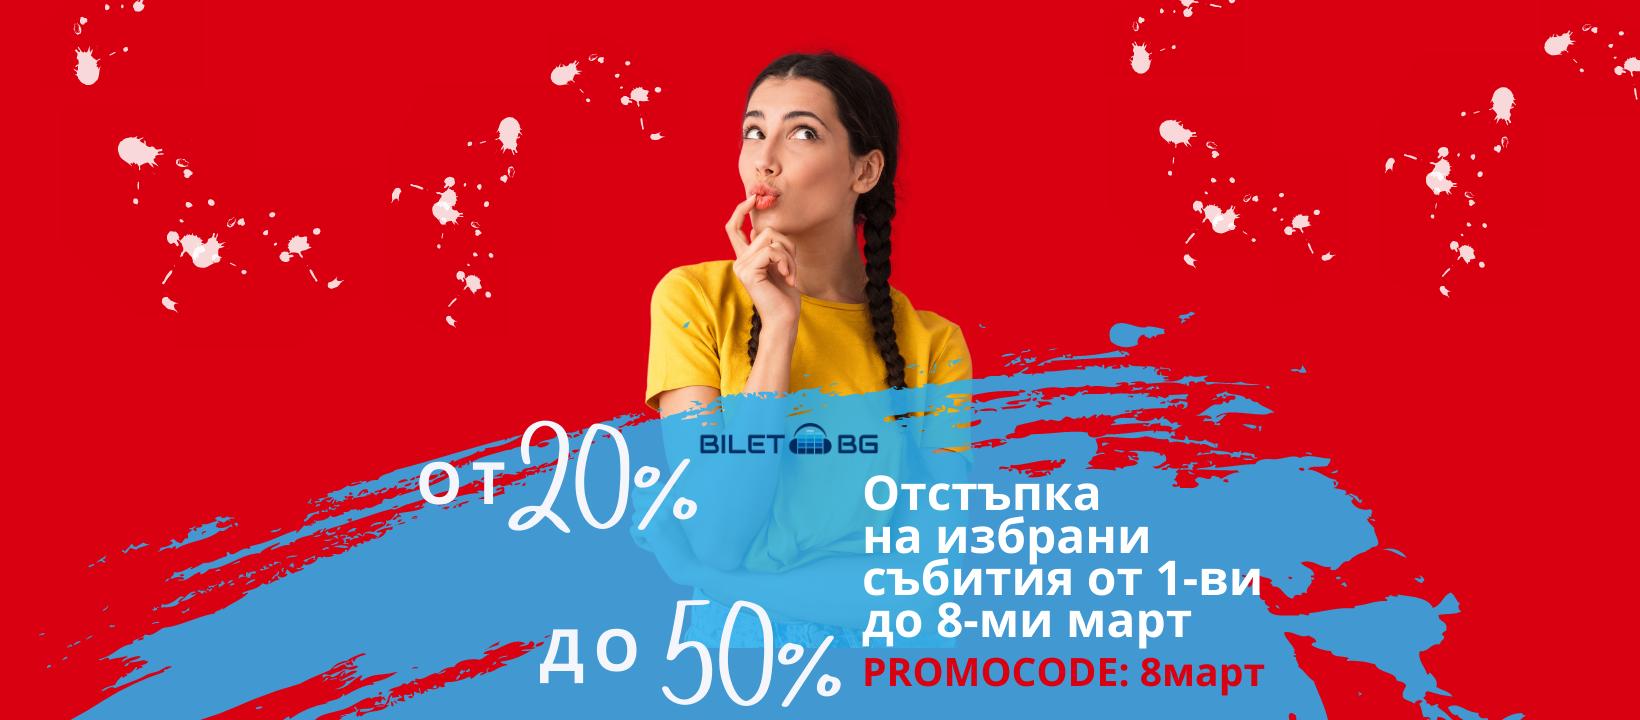 Промоция Билети БГ предлага в месеца на дамите от 20% до 50% отстъпка за избрани събития с промокод